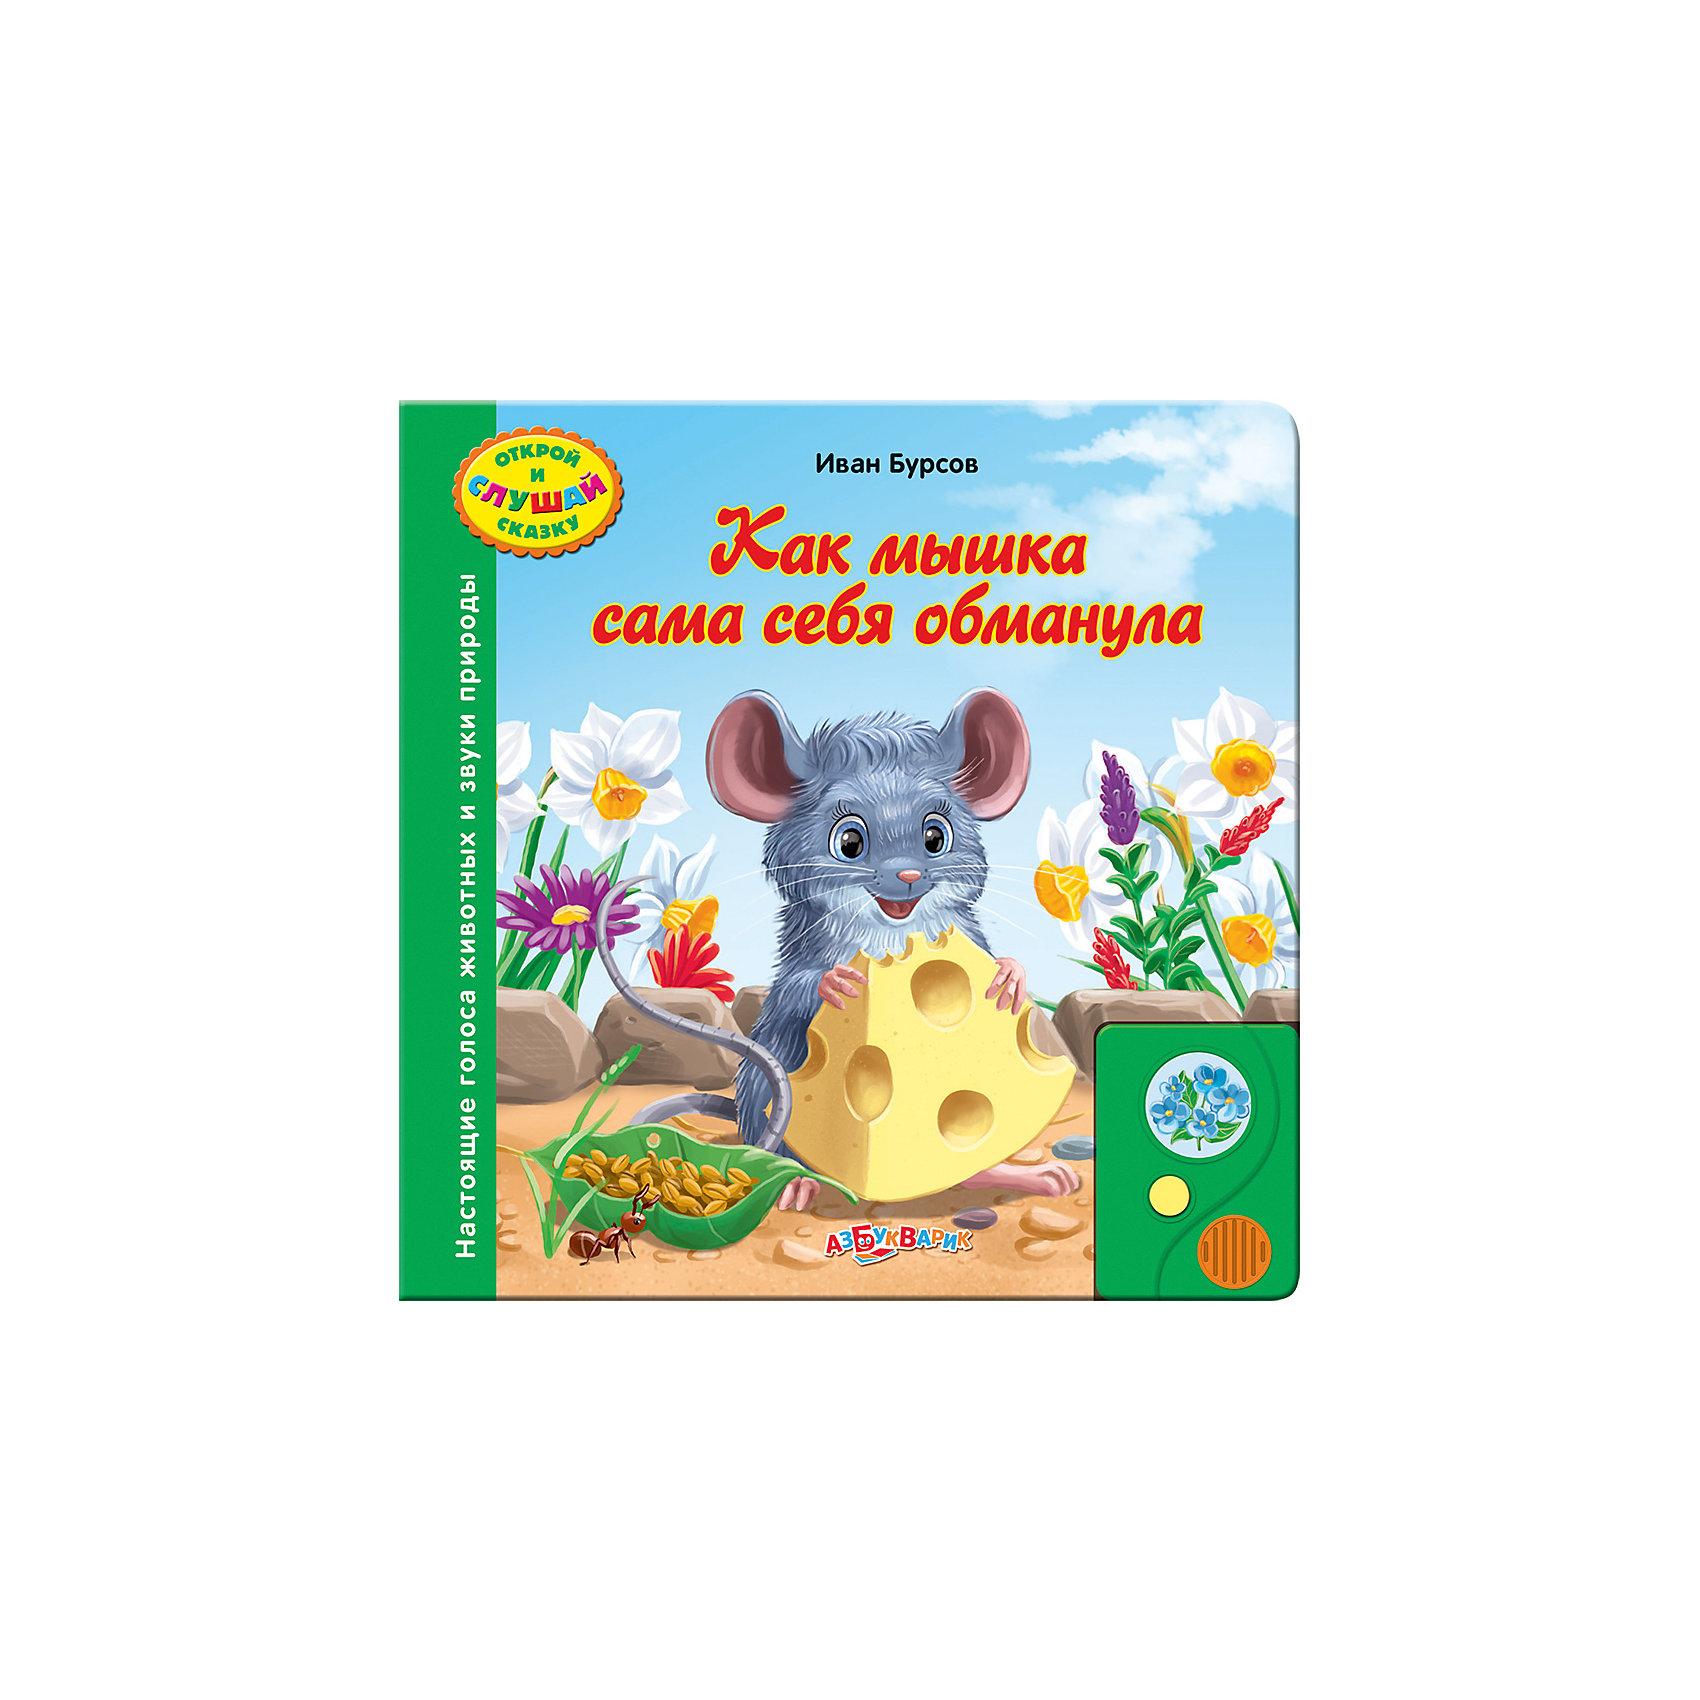 Как мышка сама себя обманулаОткрой книгу – и она заговорит! Сказка И. Бурсова Как мышка сама себя обманула озвучена по ролям профессиональными актерами, оживлена настоящими голосами животных и звуками природы. Издание дополнено красочными иллюстрациями, имеет твердые картонные странички, которые удобно переворачивать даже самым юным читателям. <br><br>Дополнительная информация:<br>  <br>- Автор: И. Бурсов.<br>- Переплет: картон.<br>- Формат: 21,6х21,6 см.<br>- Количество страниц: 10.<br>- Иллюстрации: цветные. <br>- Элемент питания: батарейки  AG13/LR44 (в комплекте).<br><br>Книгу Как мышка сама себя обманула можно купить в нашем магазине.<br><br>Ширина мм: 215<br>Глубина мм: 150<br>Высота мм: 20<br>Вес г: 433<br>Возраст от месяцев: 24<br>Возраст до месяцев: 60<br>Пол: Унисекс<br>Возраст: Детский<br>SKU: 4603717